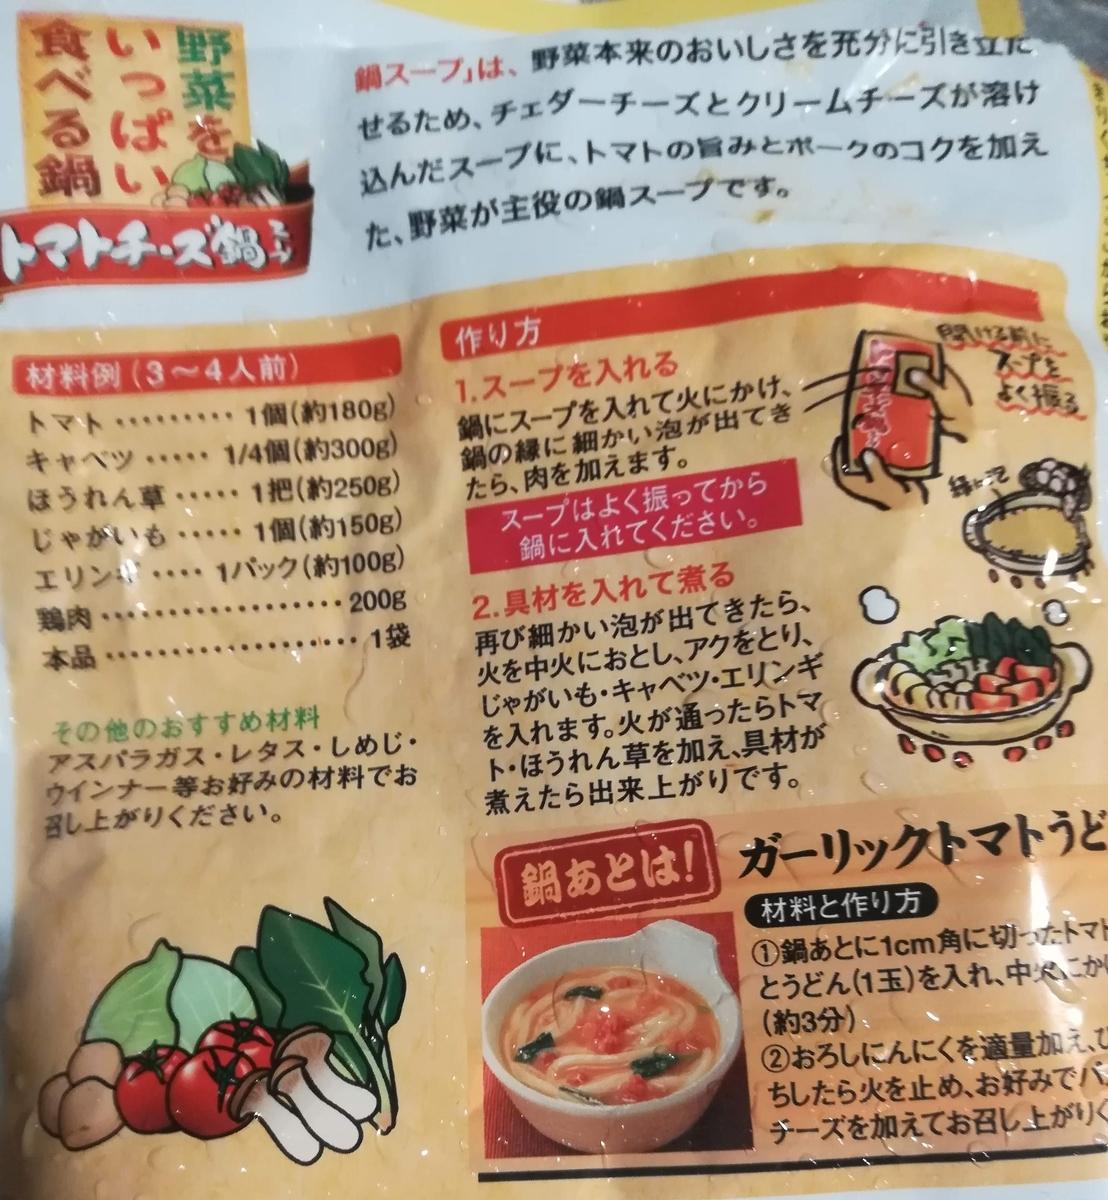 トマトチーズ鍋スープの作り方はカンタンです!